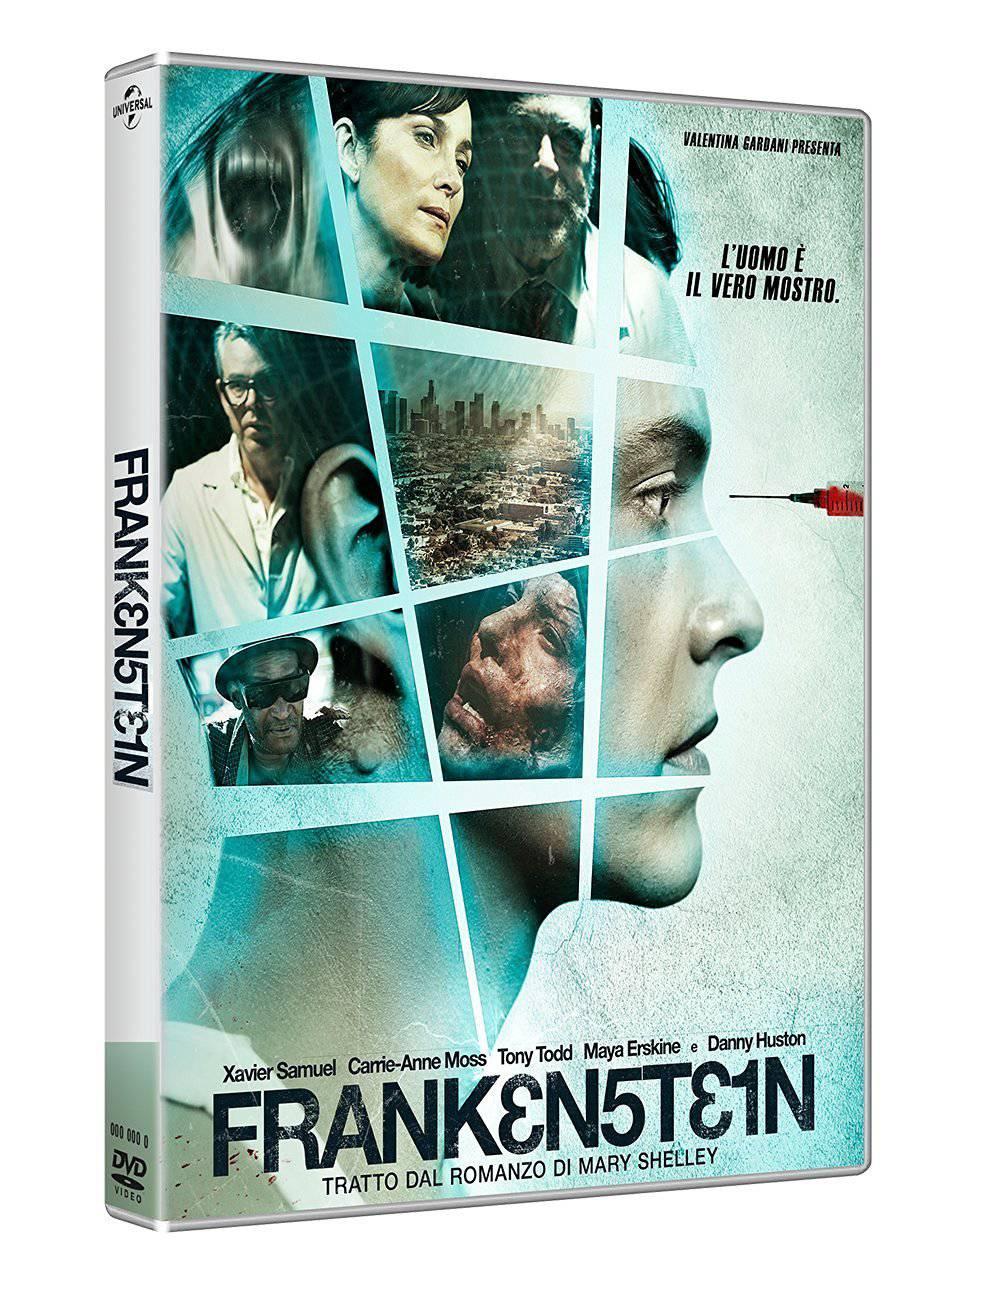 Il moderno frankenstein con xavier samuel finalmente in dvd - Candyman terrore dietro lo specchio ...